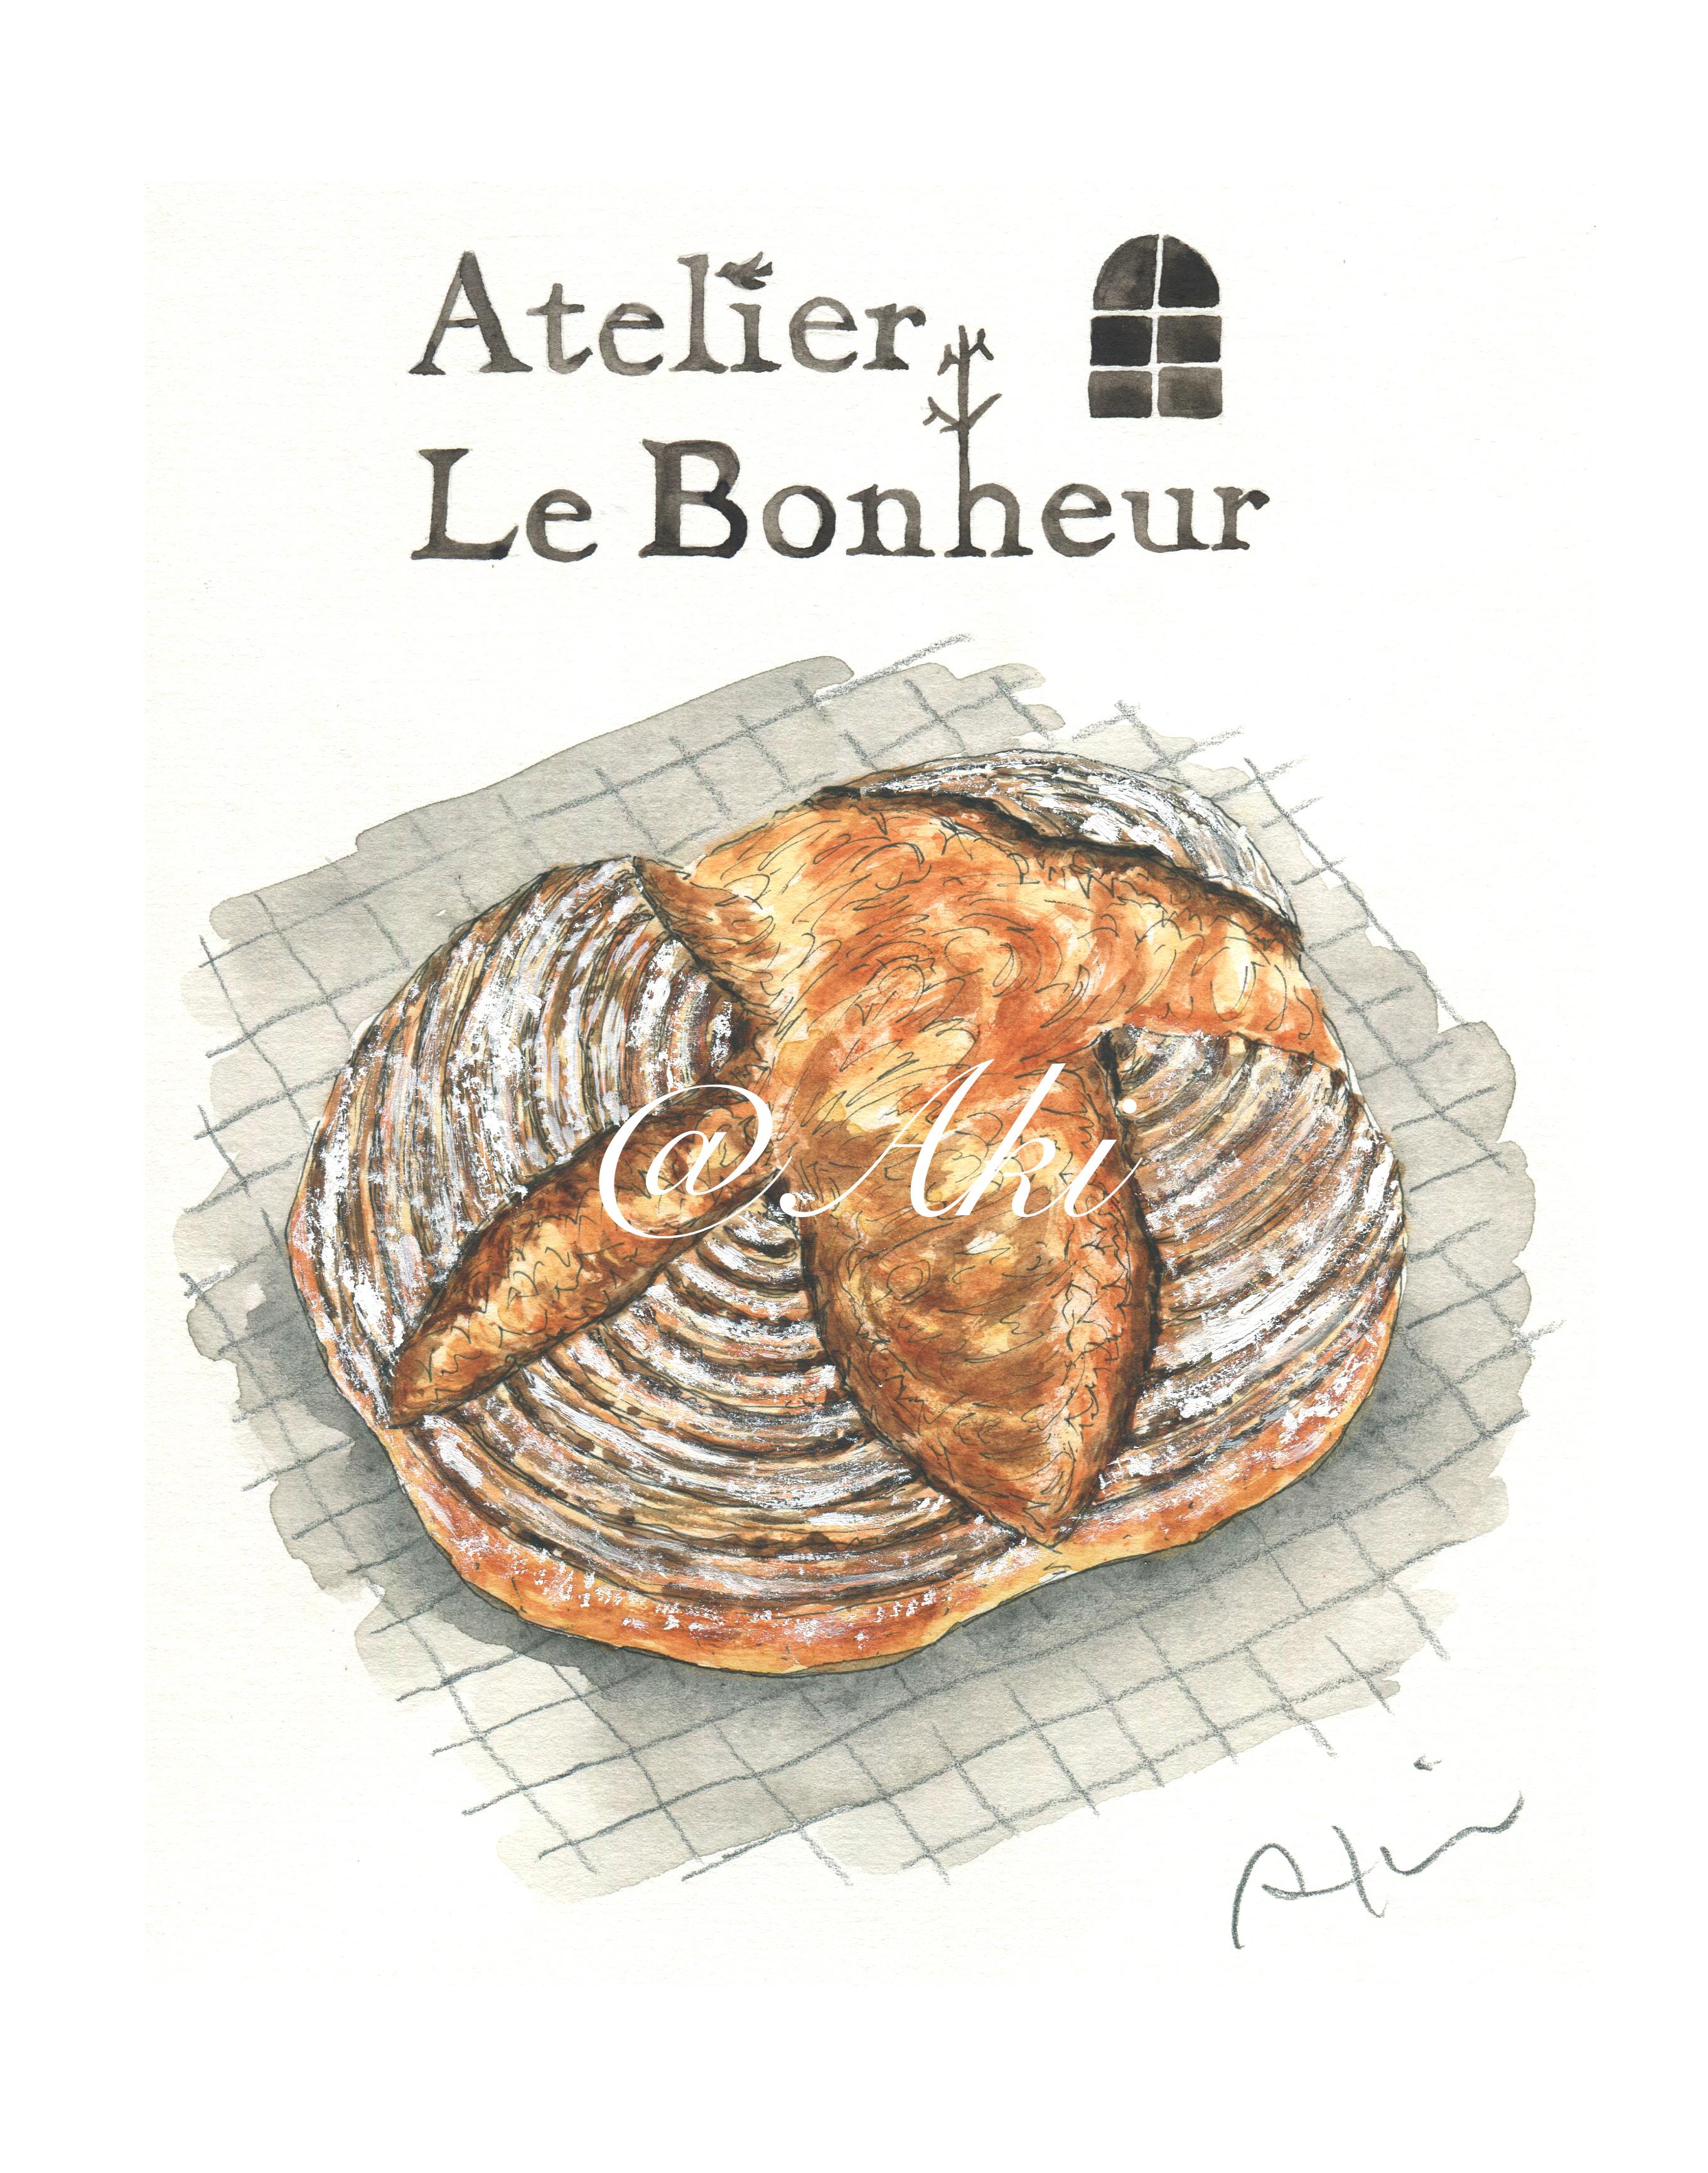 人気パン教室『Atelier Le Bonheur』